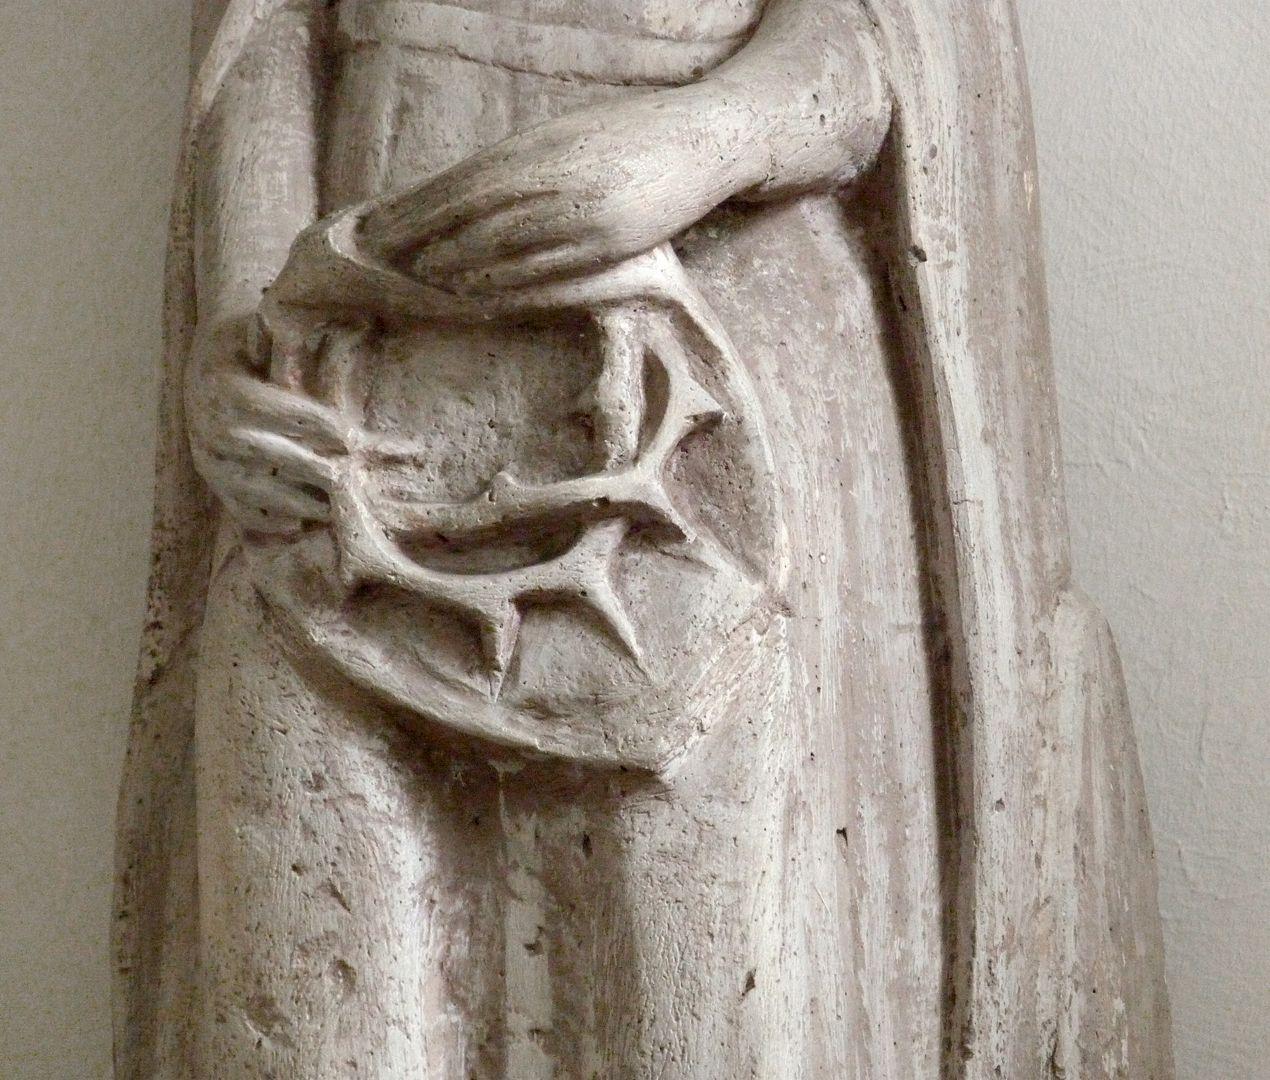 Schmerzhafte Muttergottes Frontalansicht, Detail mit der Dornenkrone